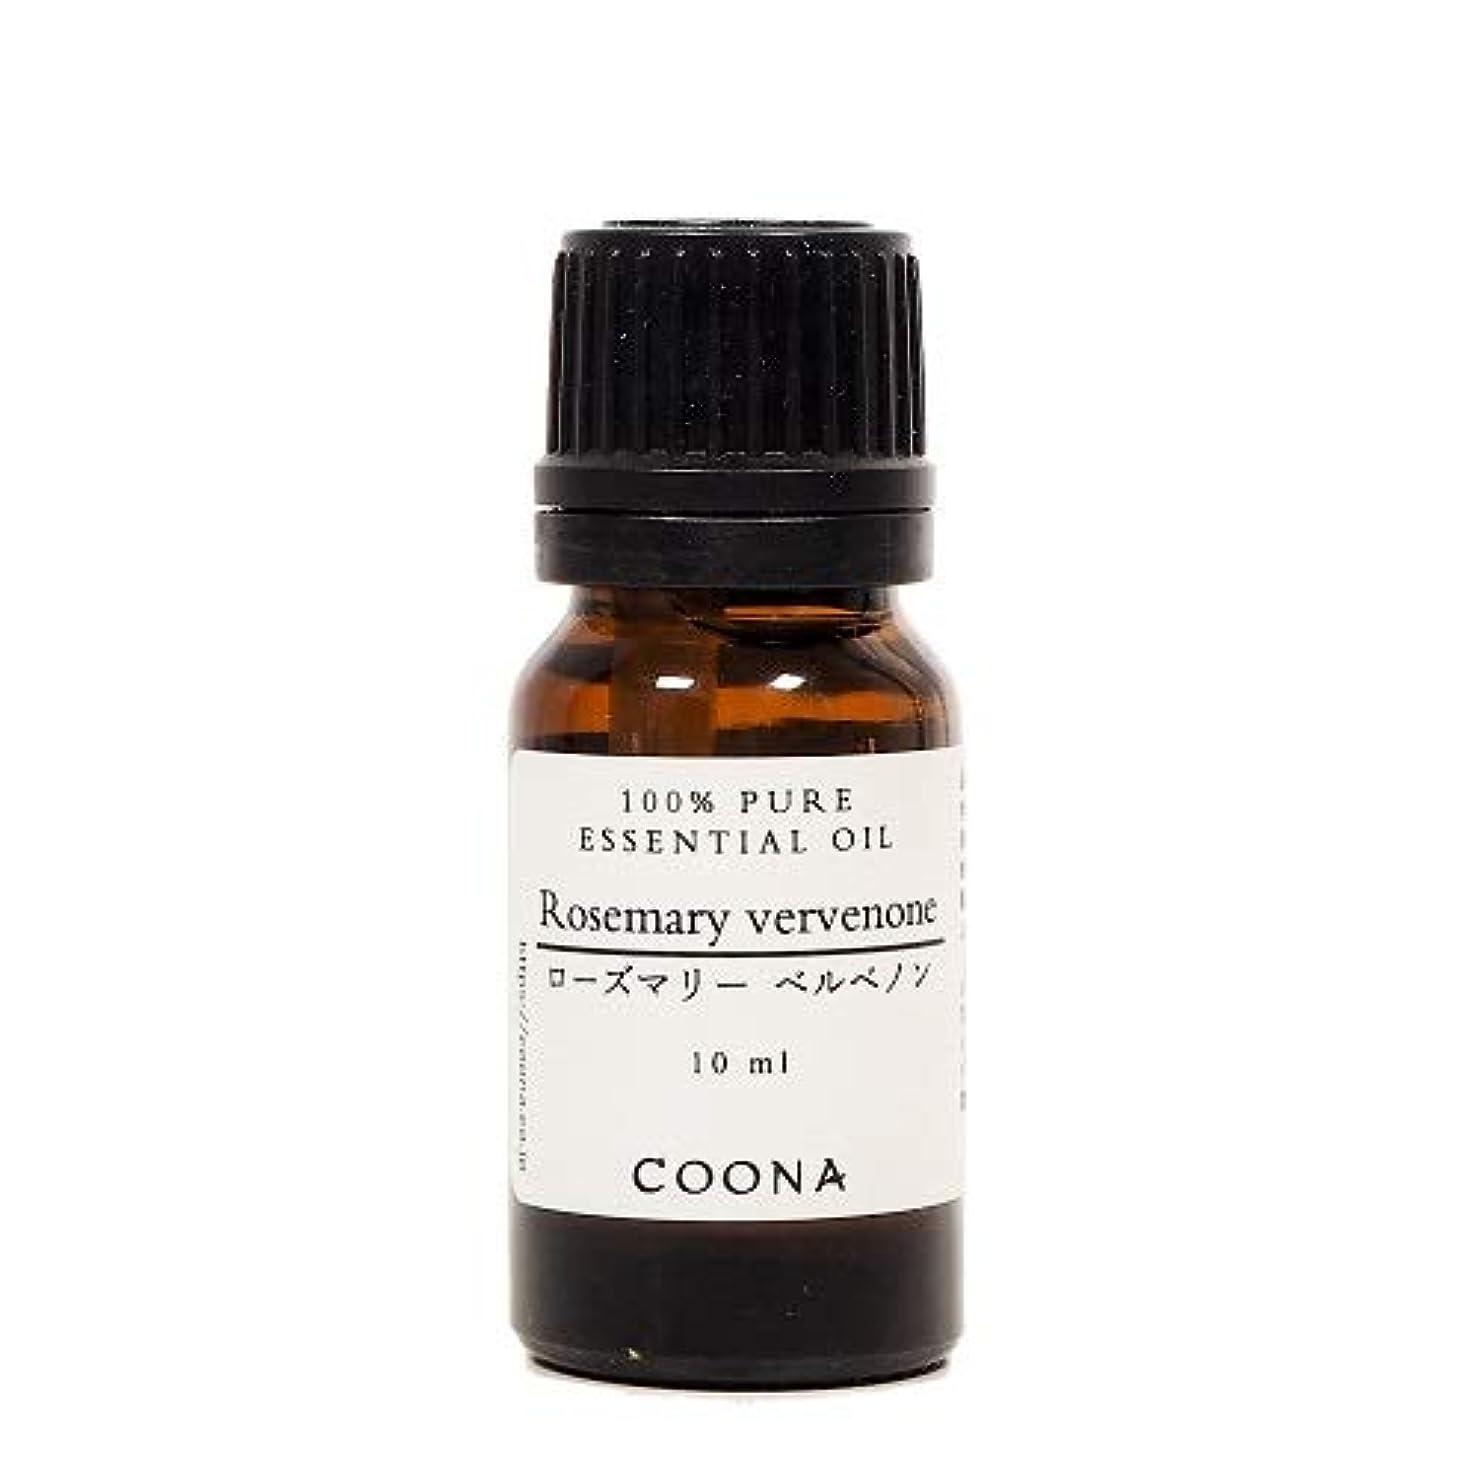 彫る落とし穴光のローズマリー ベルベノン 10 ml (COONA エッセンシャルオイル アロマオイル 100%天然植物精油)